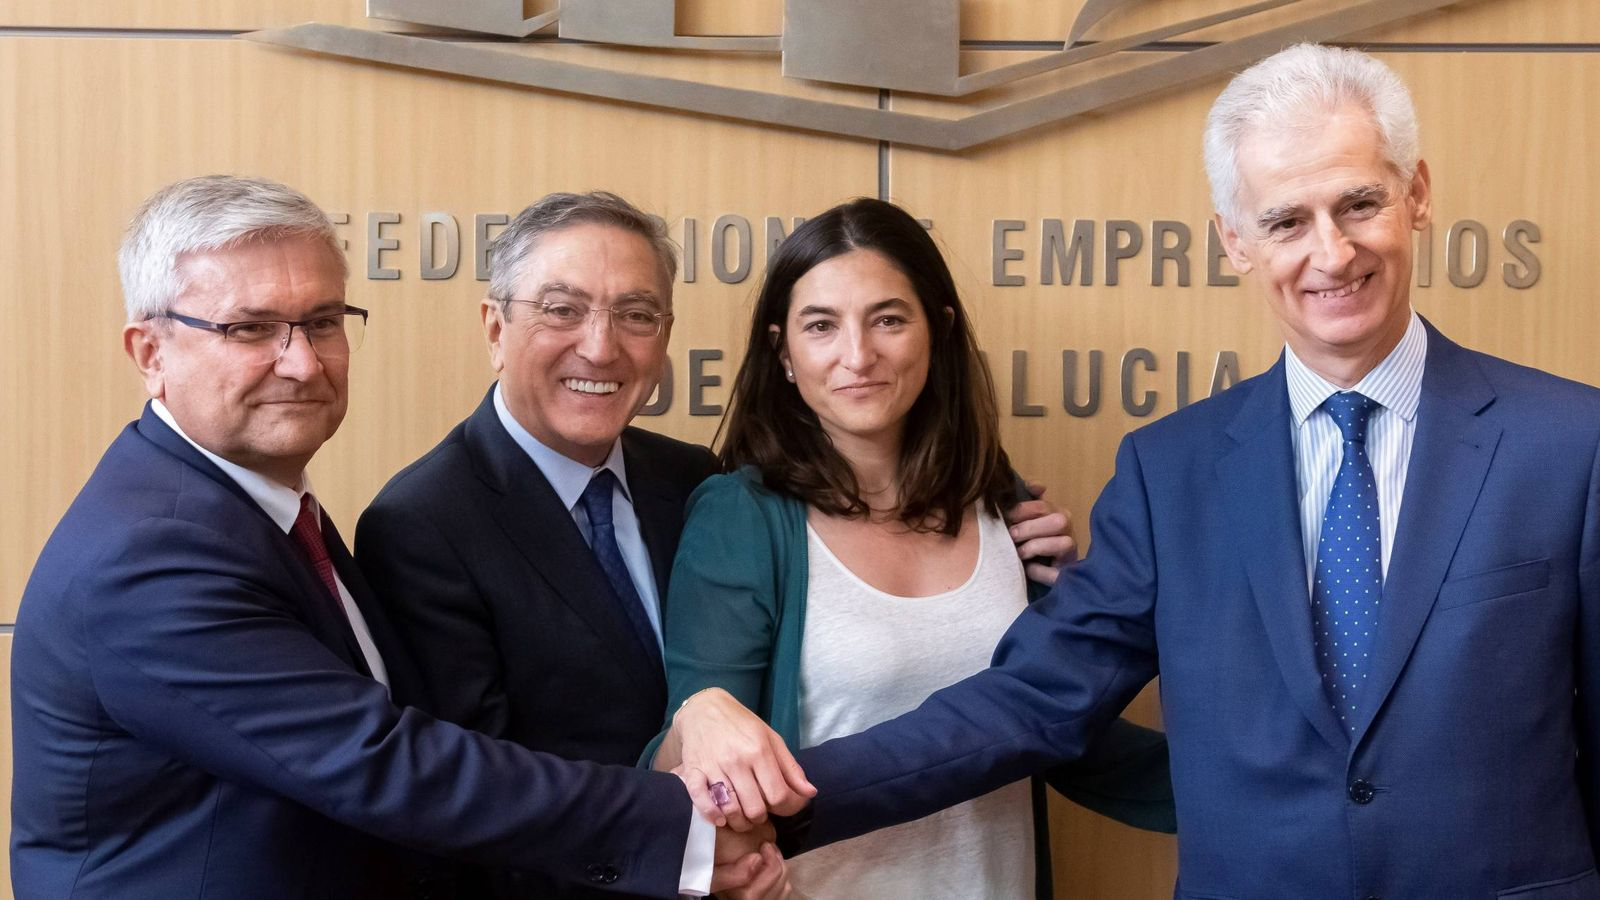 Foto: Manuel Huertas (Airbus), Ginés y María Eugenia Clemente (Aciturri) y Bartolomé Lora (SEPI), en Sevilla. (EFE)